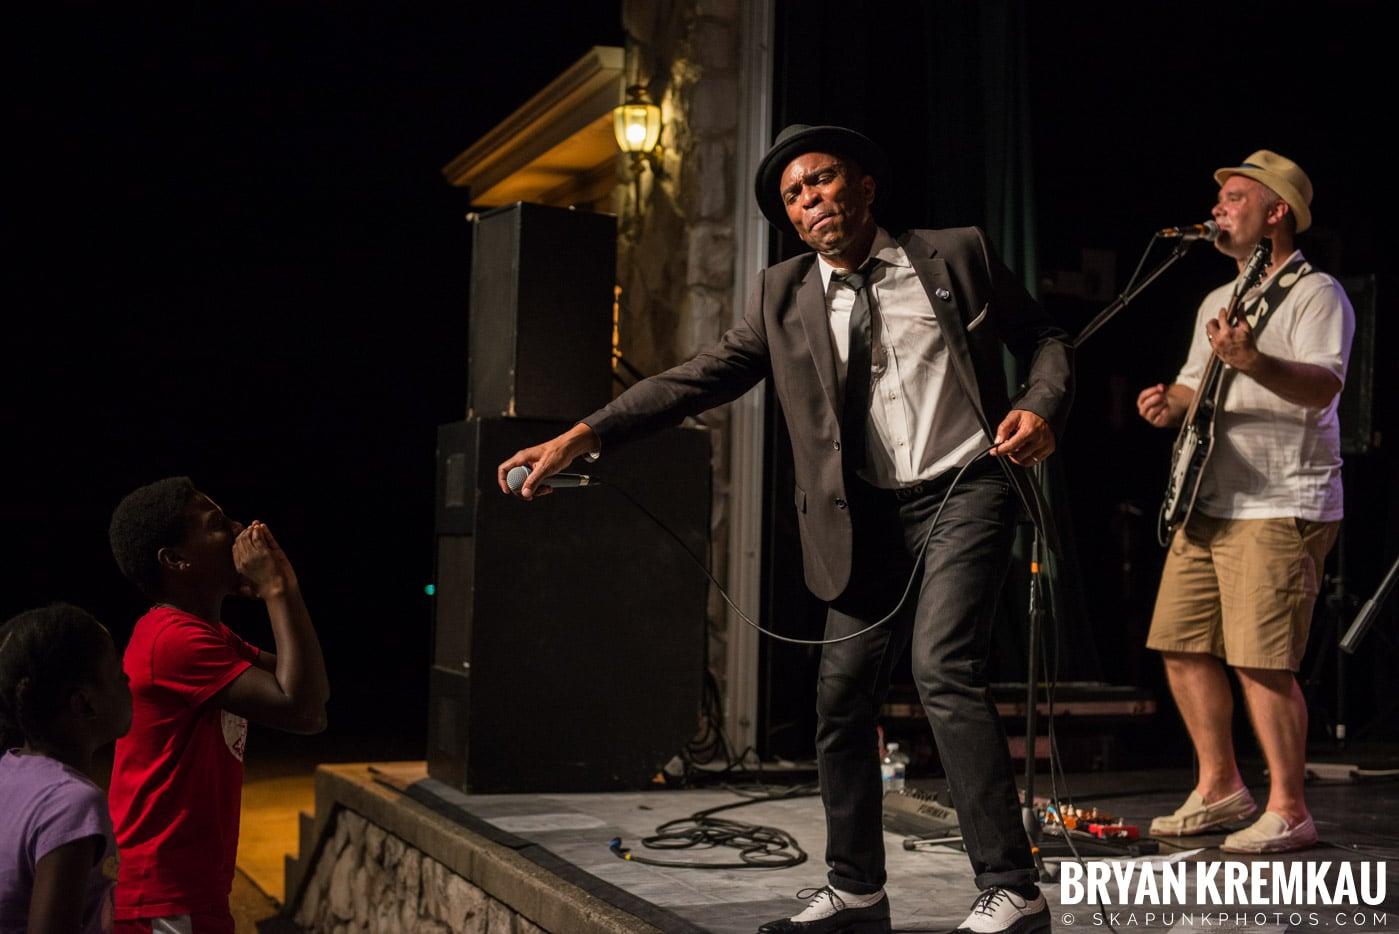 Rude Boy George @ Oskar Schindler Performing Arts Center, West Orange, NJ - 8.19.17 (5)